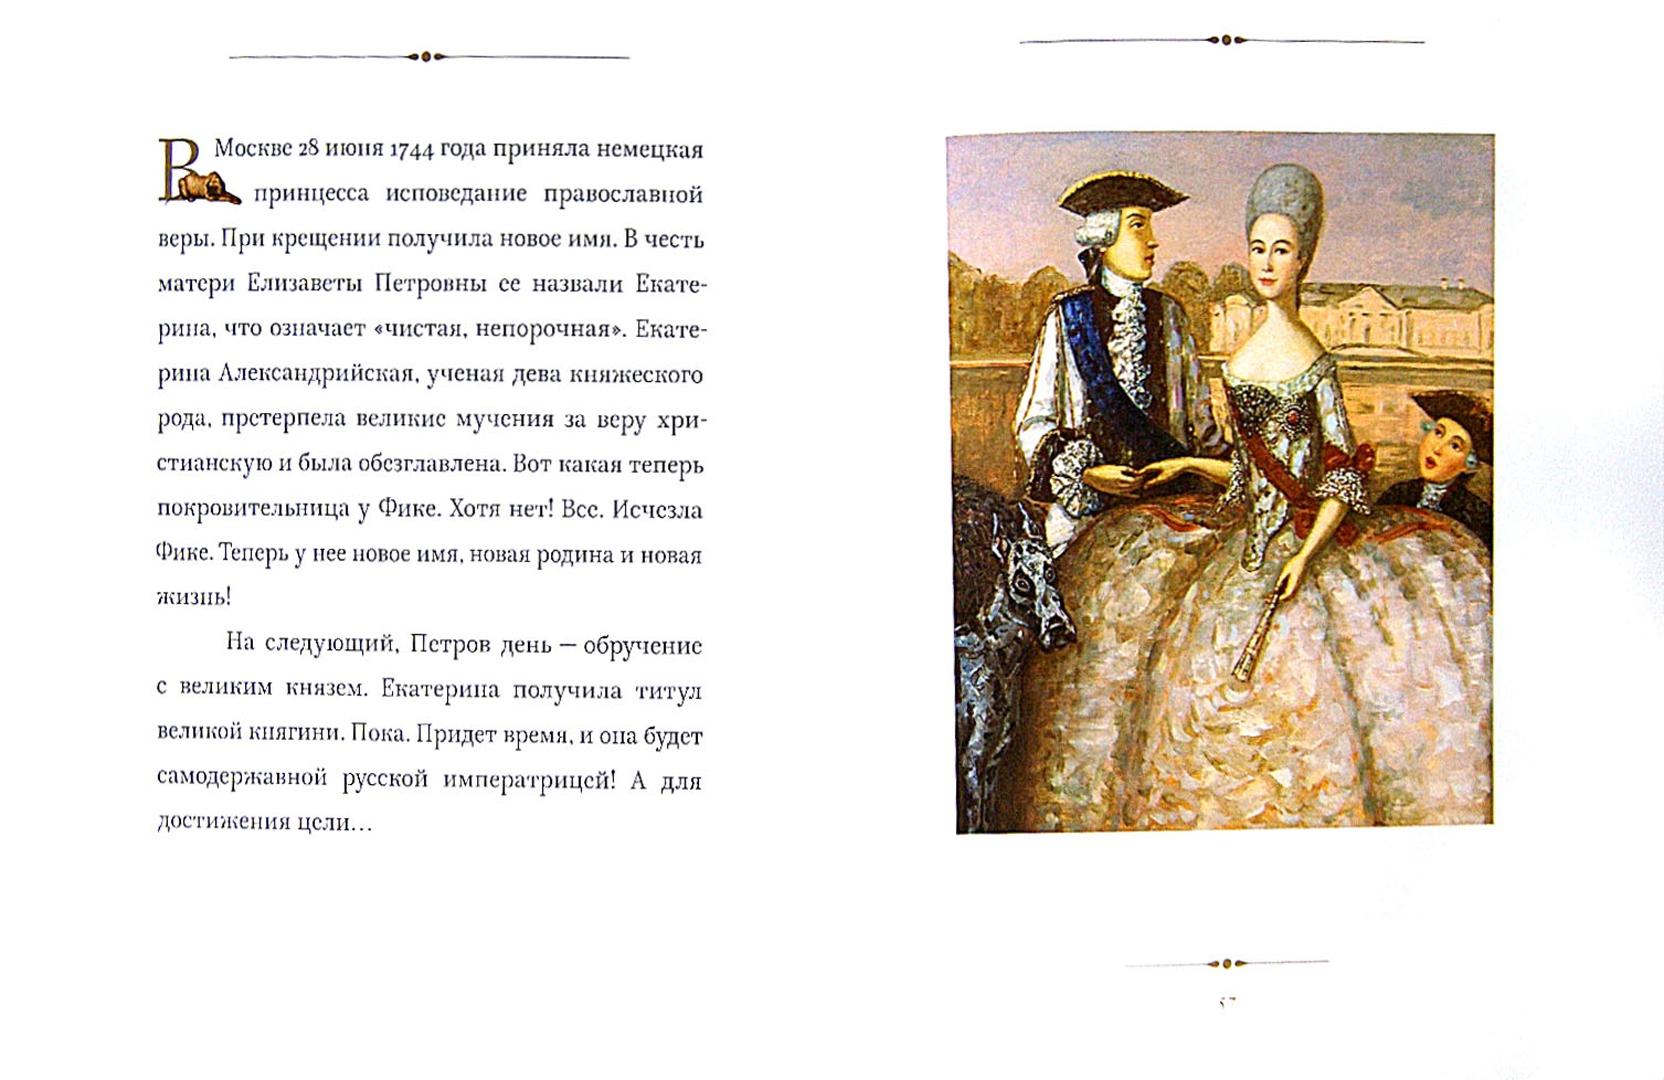 Иллюстрация 1 из 31 для Сказка о том, как немецкая принцесса Фике стала русской императрицей Екатериной Великой - Людмила Маркина | Лабиринт - книги. Источник: Лабиринт